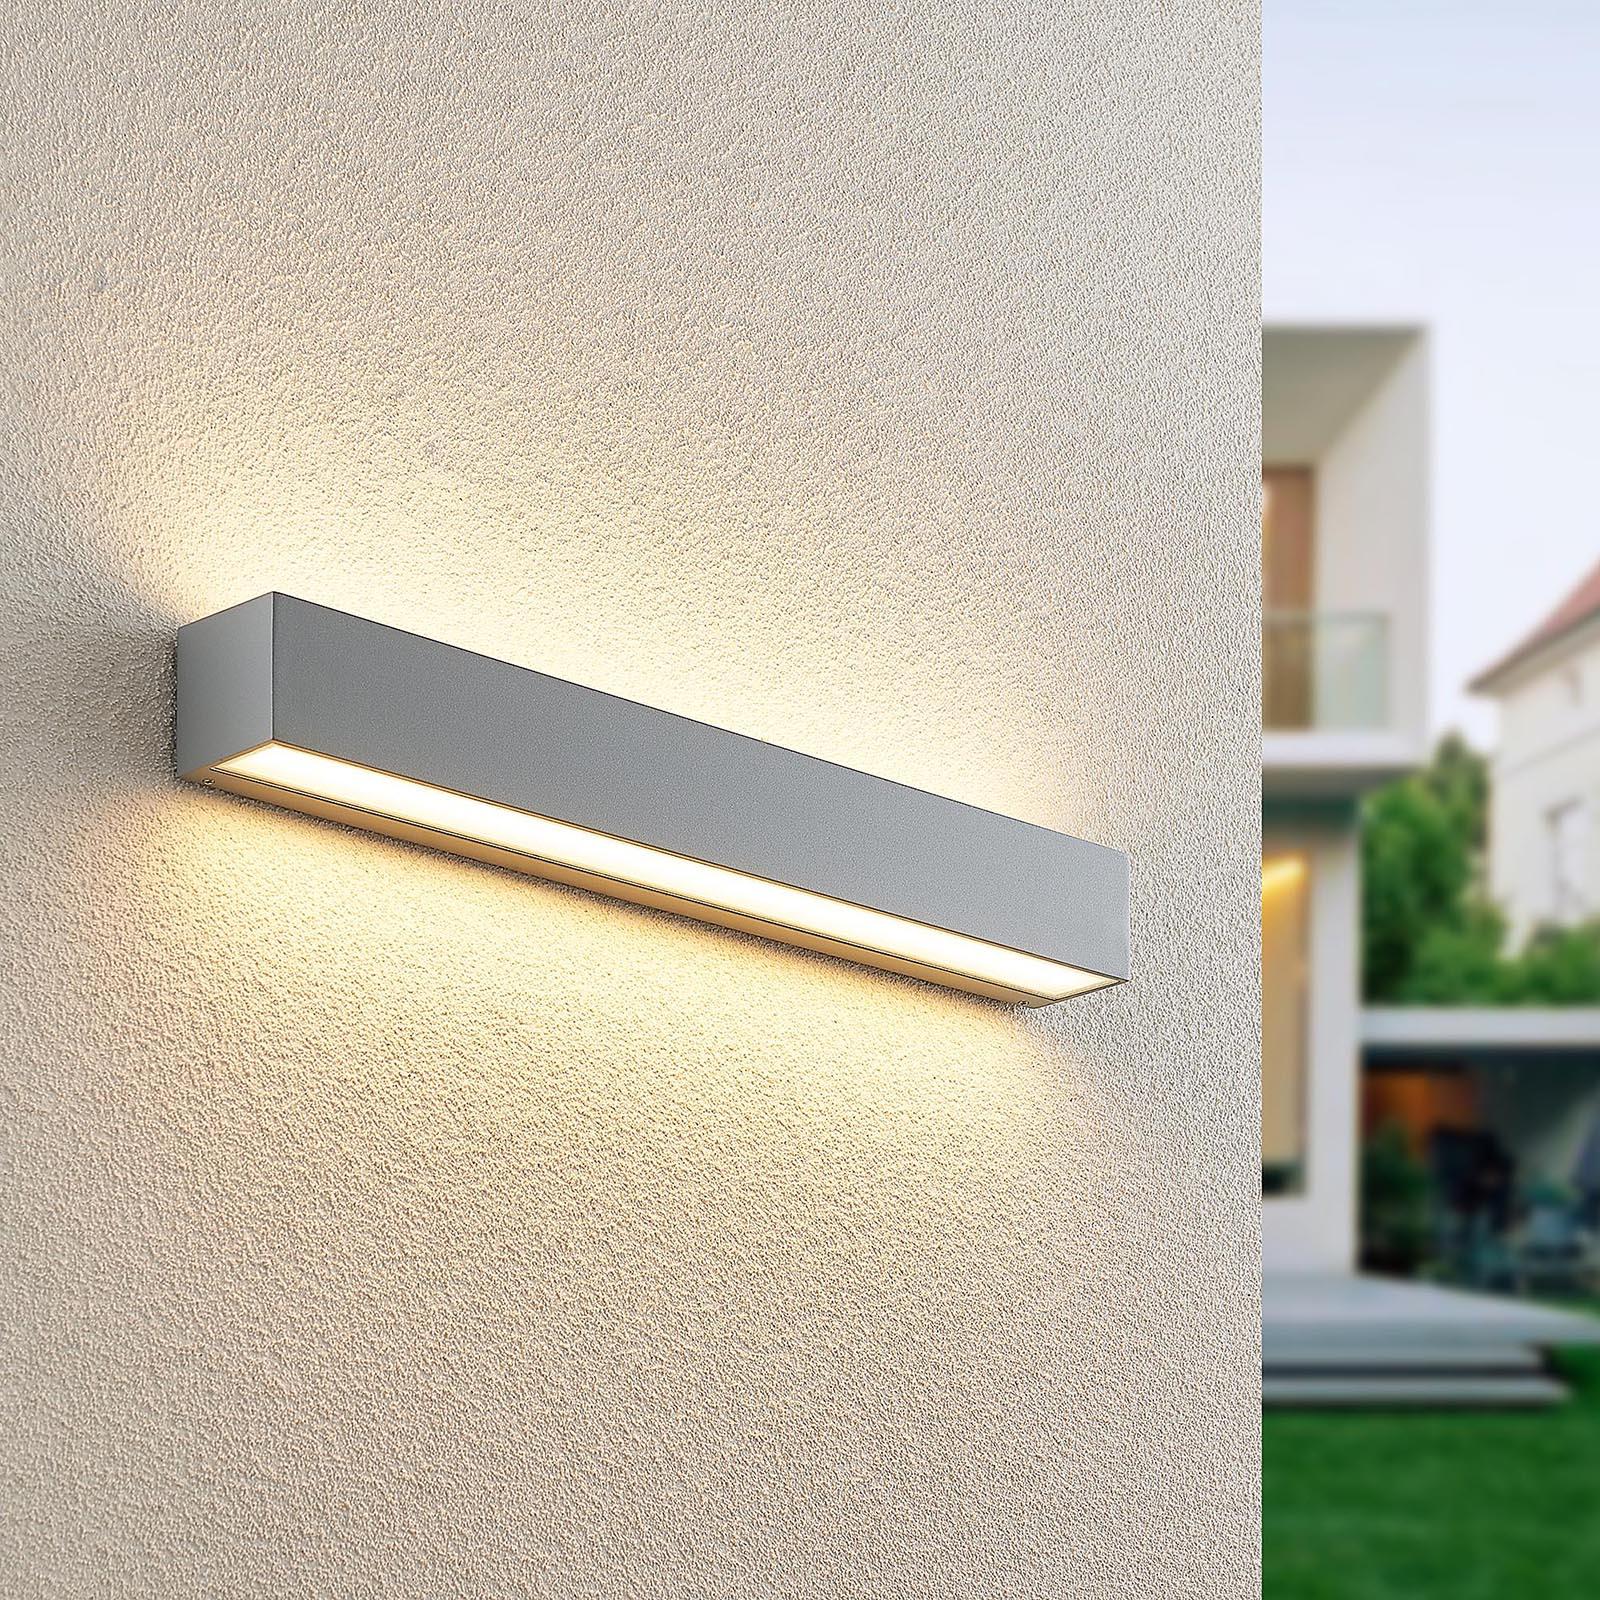 Lucande Lengo LED-væglampe, 50 cm sølv 2 lyskilder